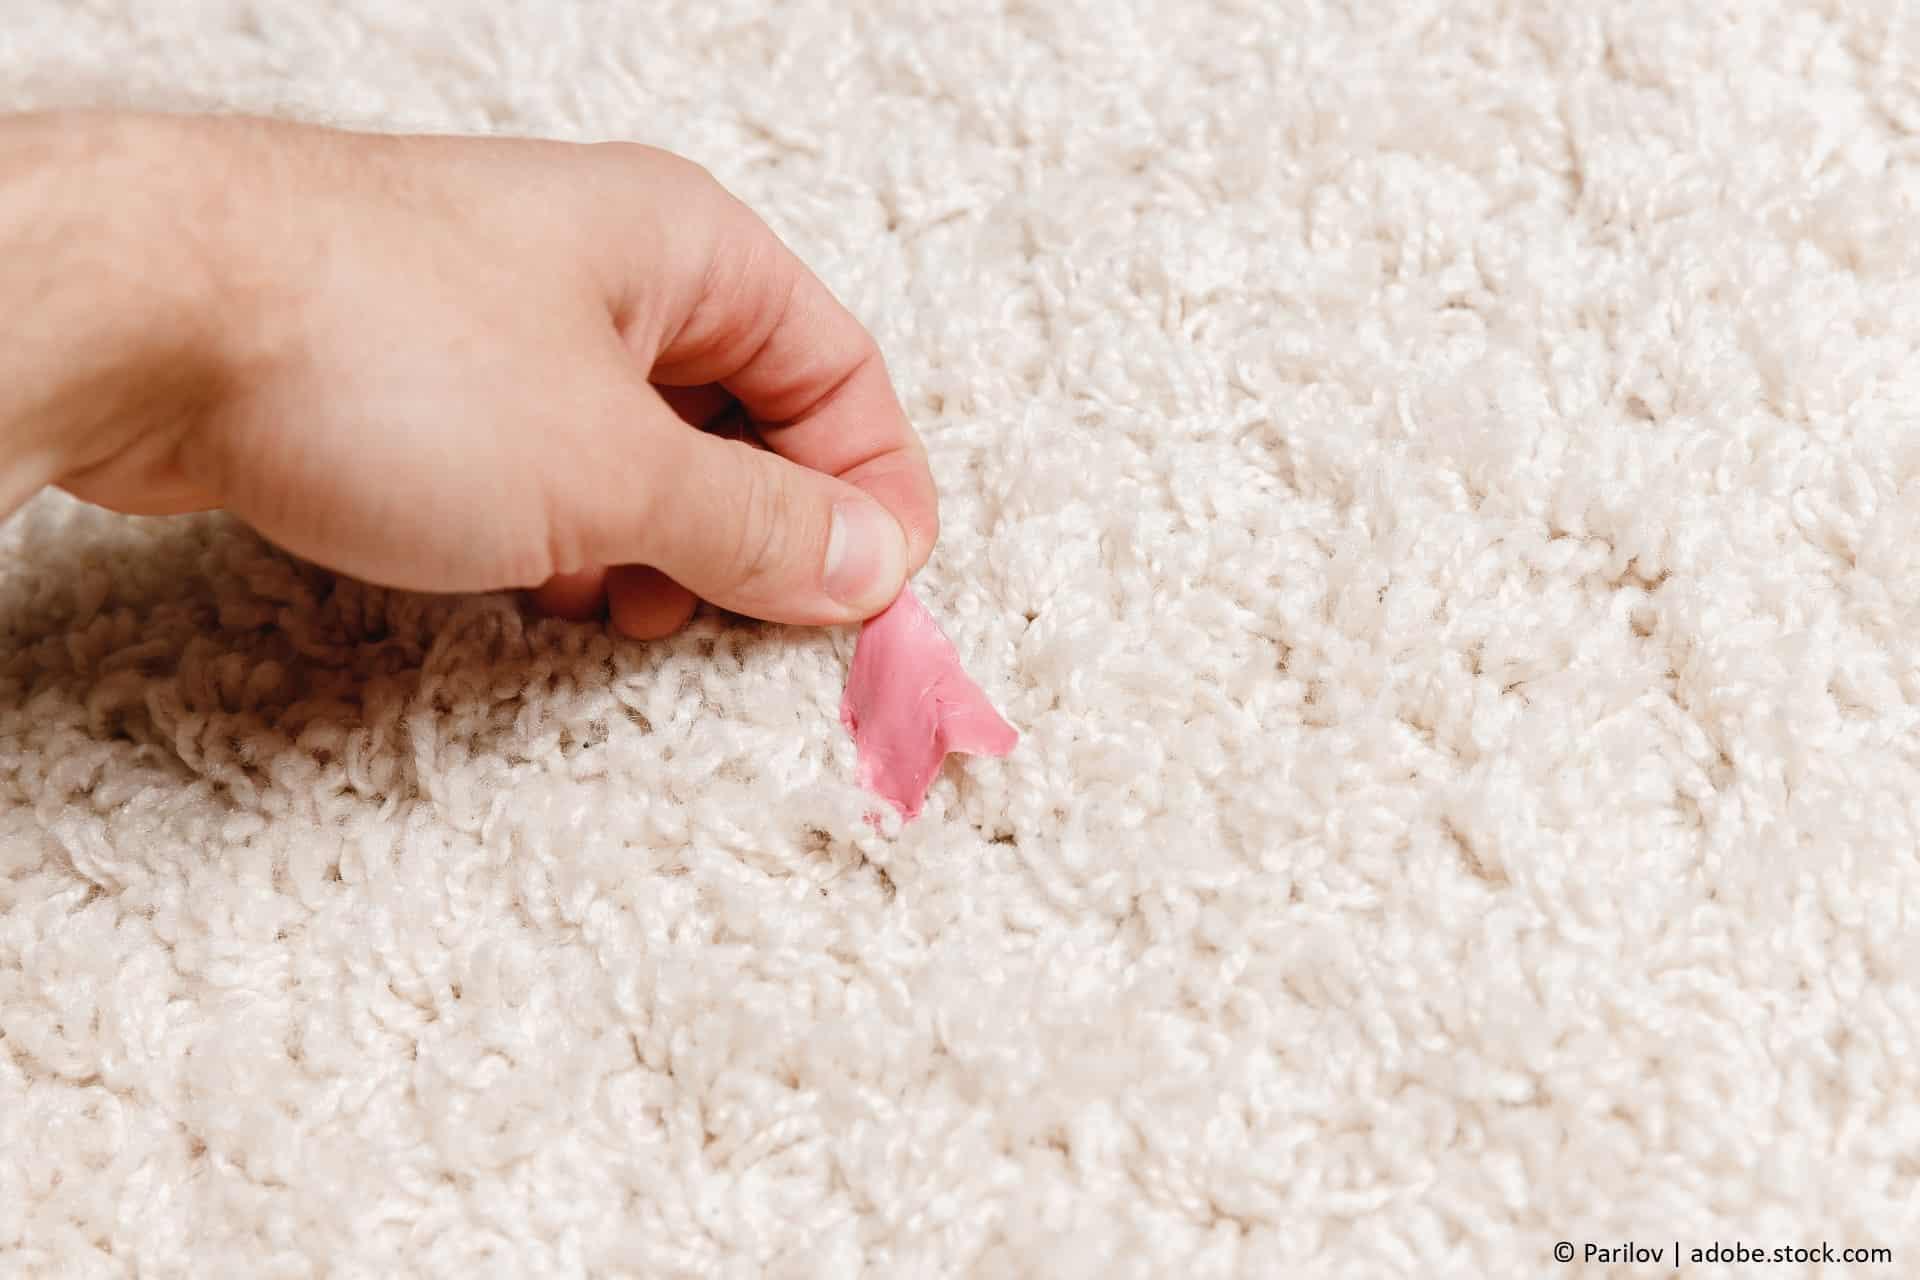 kaugummi aus teppichen entfernen